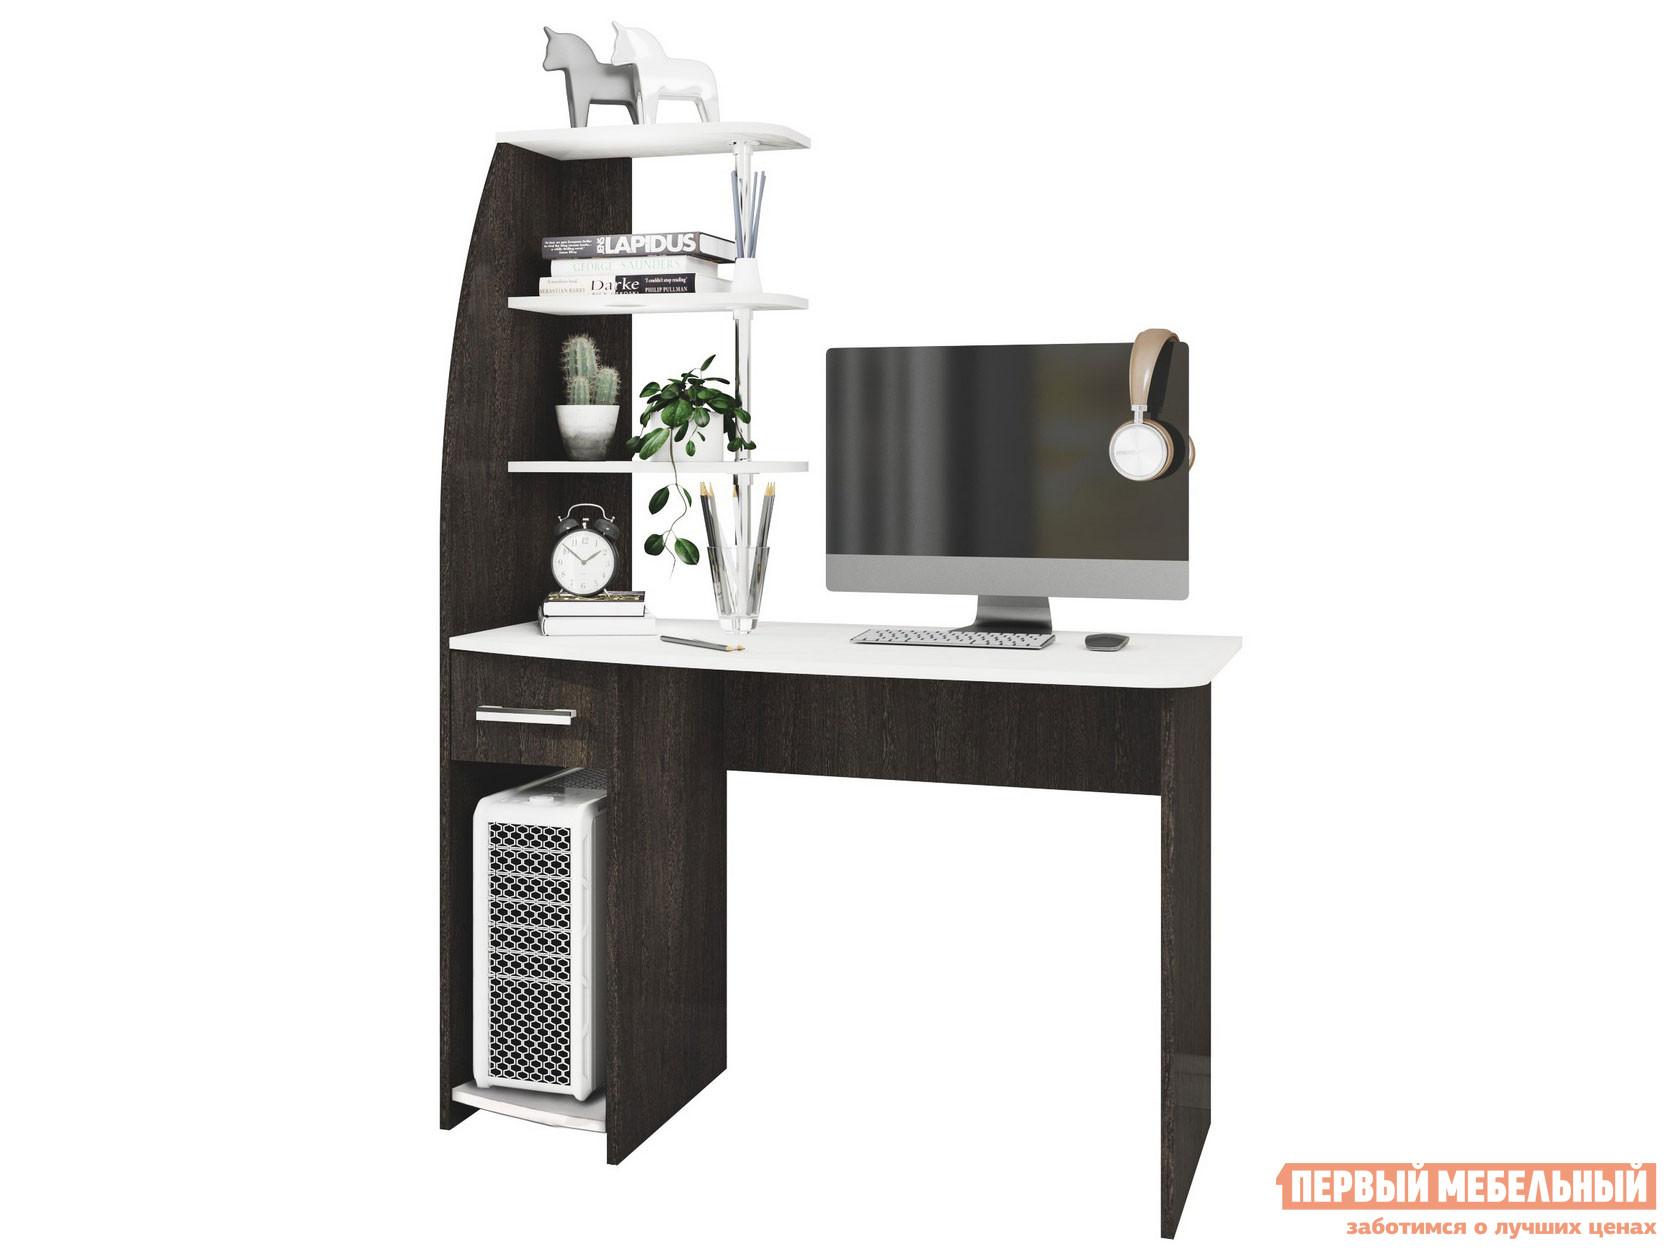 Фото - Компьютерный стол Первый Мебельный Стол компьютерный Скай NEW компьютерный стол первый мебельный комфорт 12 72